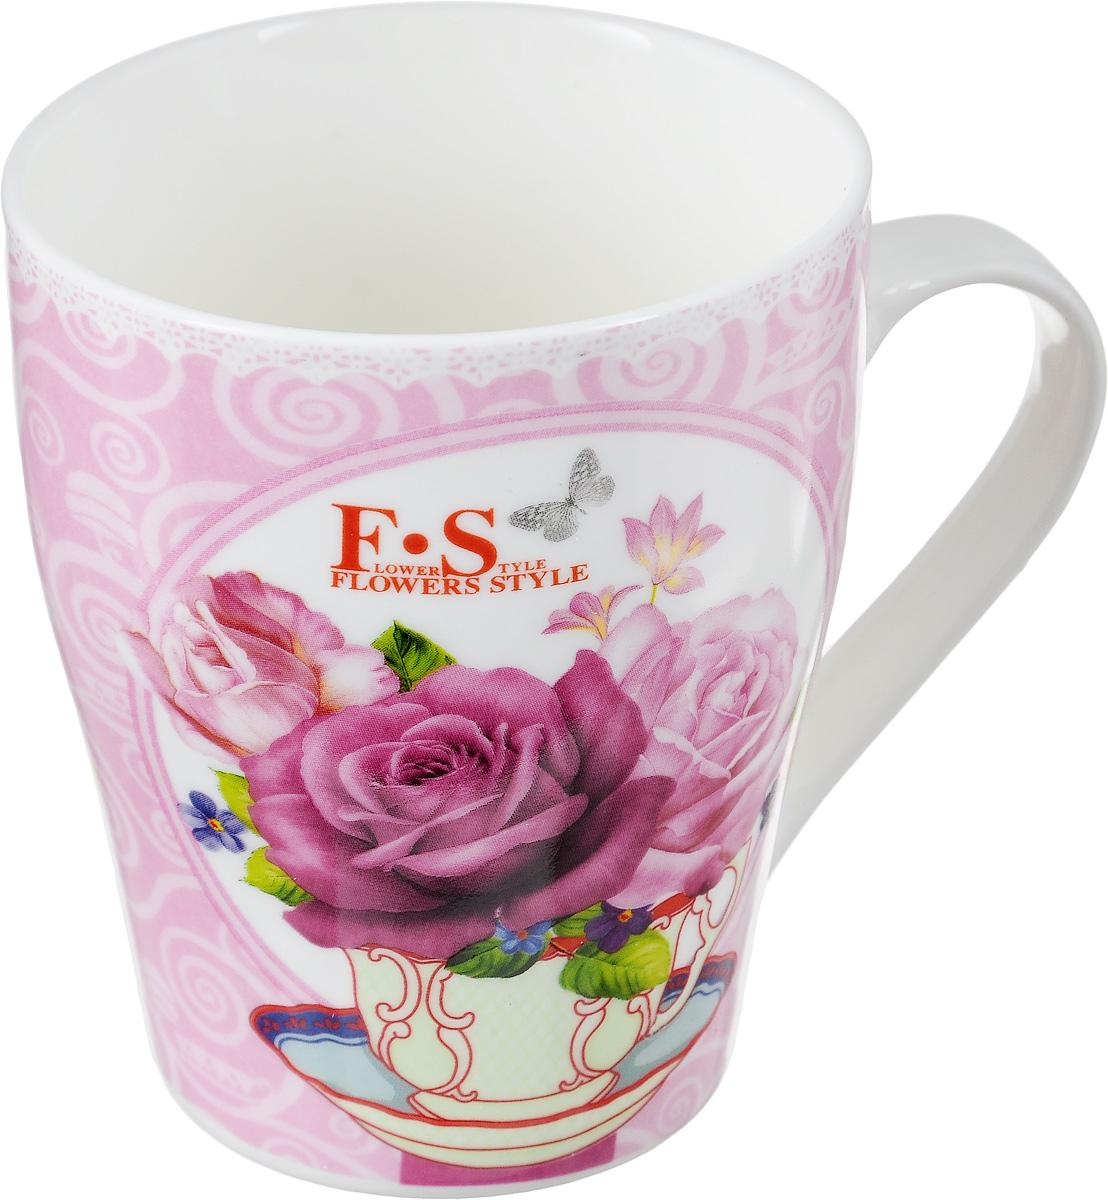 Кружка Loraine Цветы цвет: розовый, 340 мл24448_розовыйКружка Loraine Цветы изготовлена из прочного качественного костяного фарфора. Изделие оформлено красочным изображением цветов. Благодаря своим термостатическим свойствам, изделие отлично сохраняет температуру содержимого - морозной зимой кружка будет согревать вас горячим чаем, а знойным летом, напротив, радовать прохладными напитками. Такой аксессуар создаст атмосферу тепла и уюта, настроит на позитивный лад и подарит хорошее настроение с самого утра. Это оригинальное изделие идеально подойдет в подарок близкому человеку. Диаметр (по верхнему краю): 8,2 см. Высота кружки: 9,5 см.